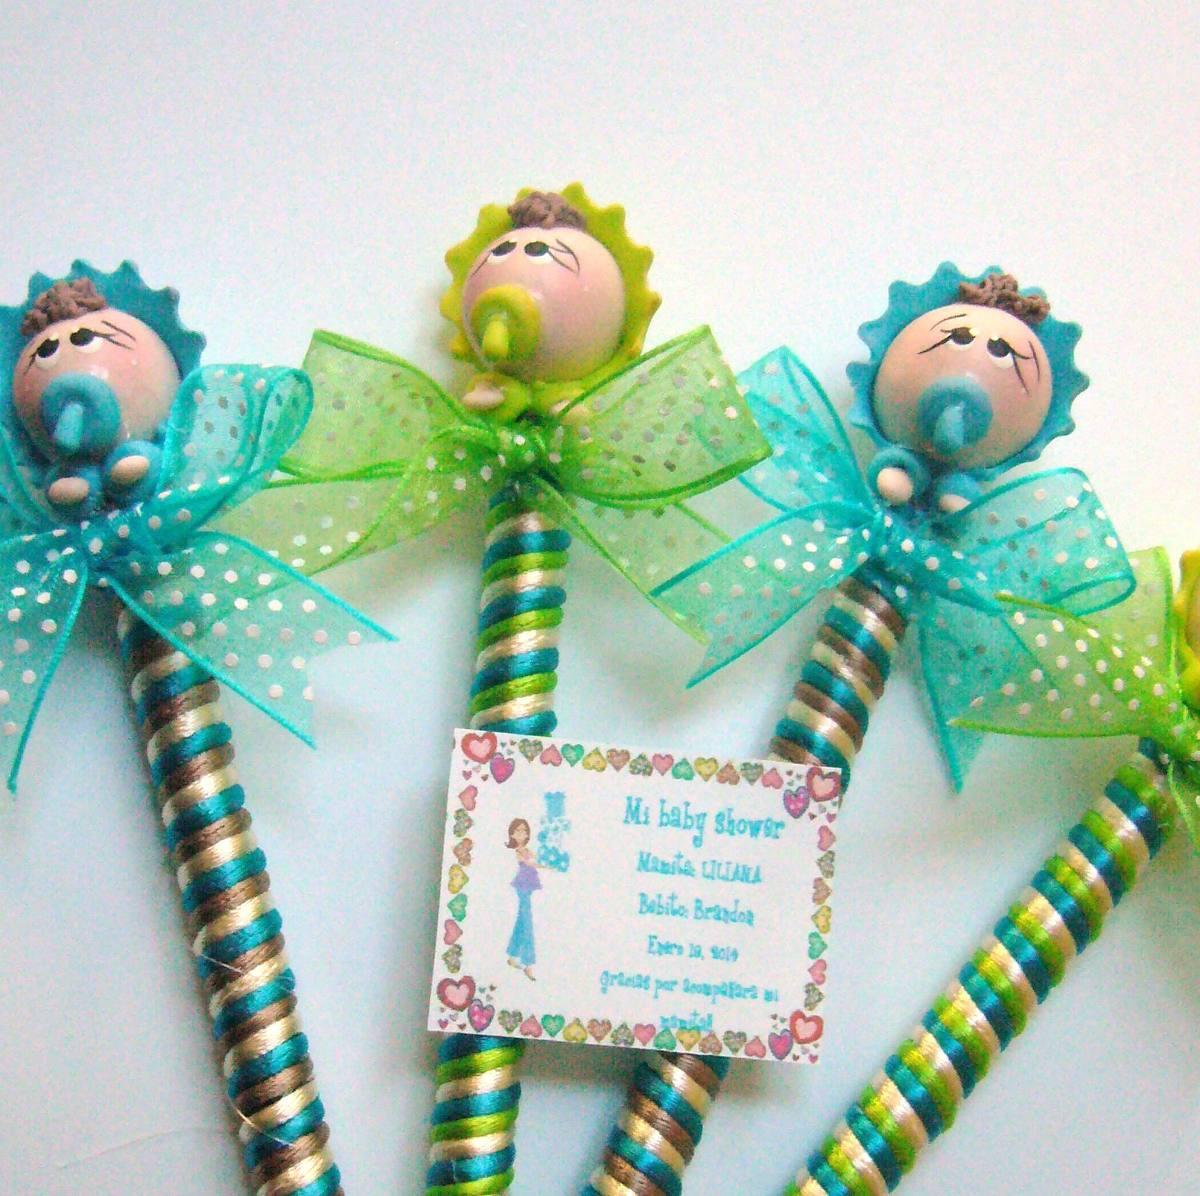 Recuerdos baby shower plumas pasta francesa envios gratis en mercado libre - Adornos para fotos gratis ...